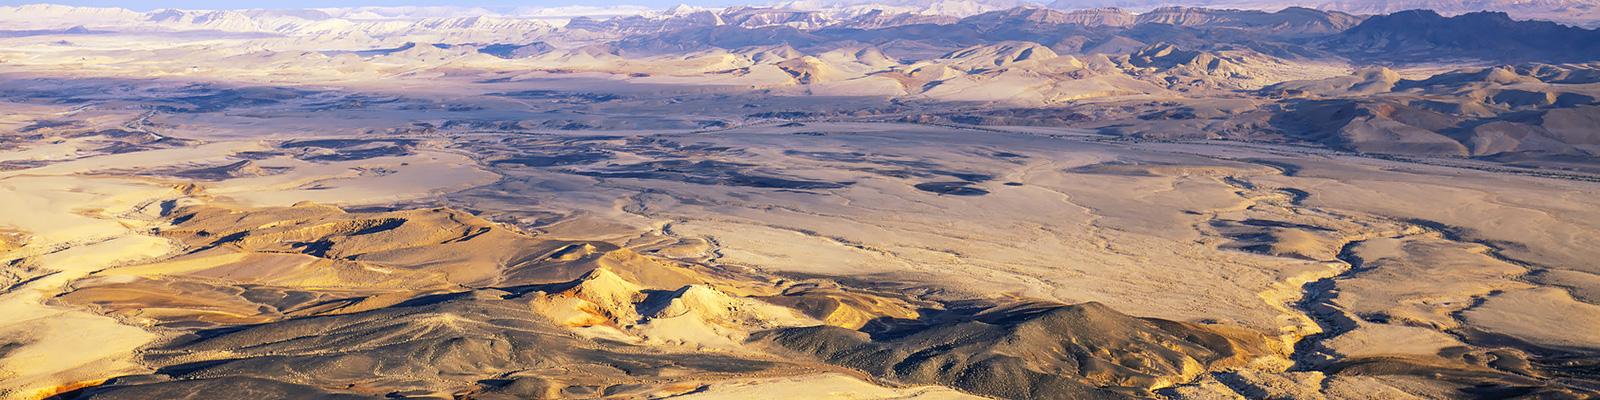 イスラエル ネゲブ砂漠 イメージ